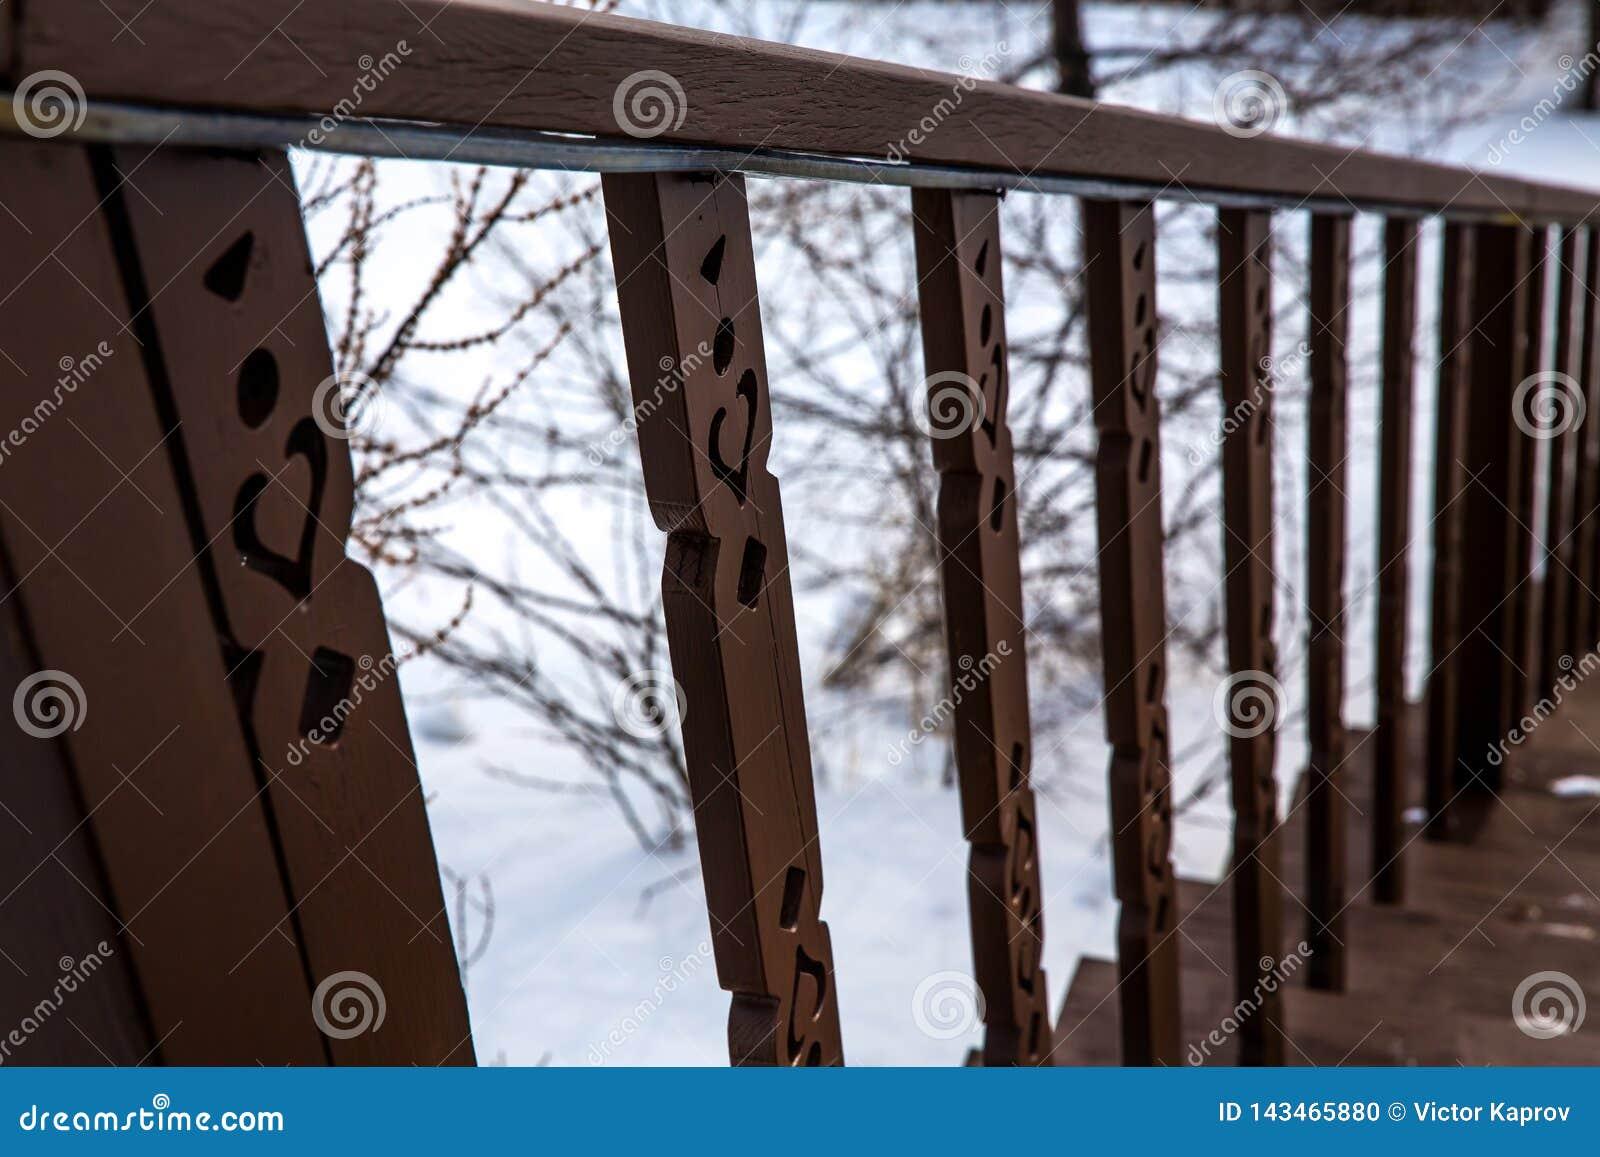 Balustrade d escalier de Brown en hiver sur un fond des branches d arbre